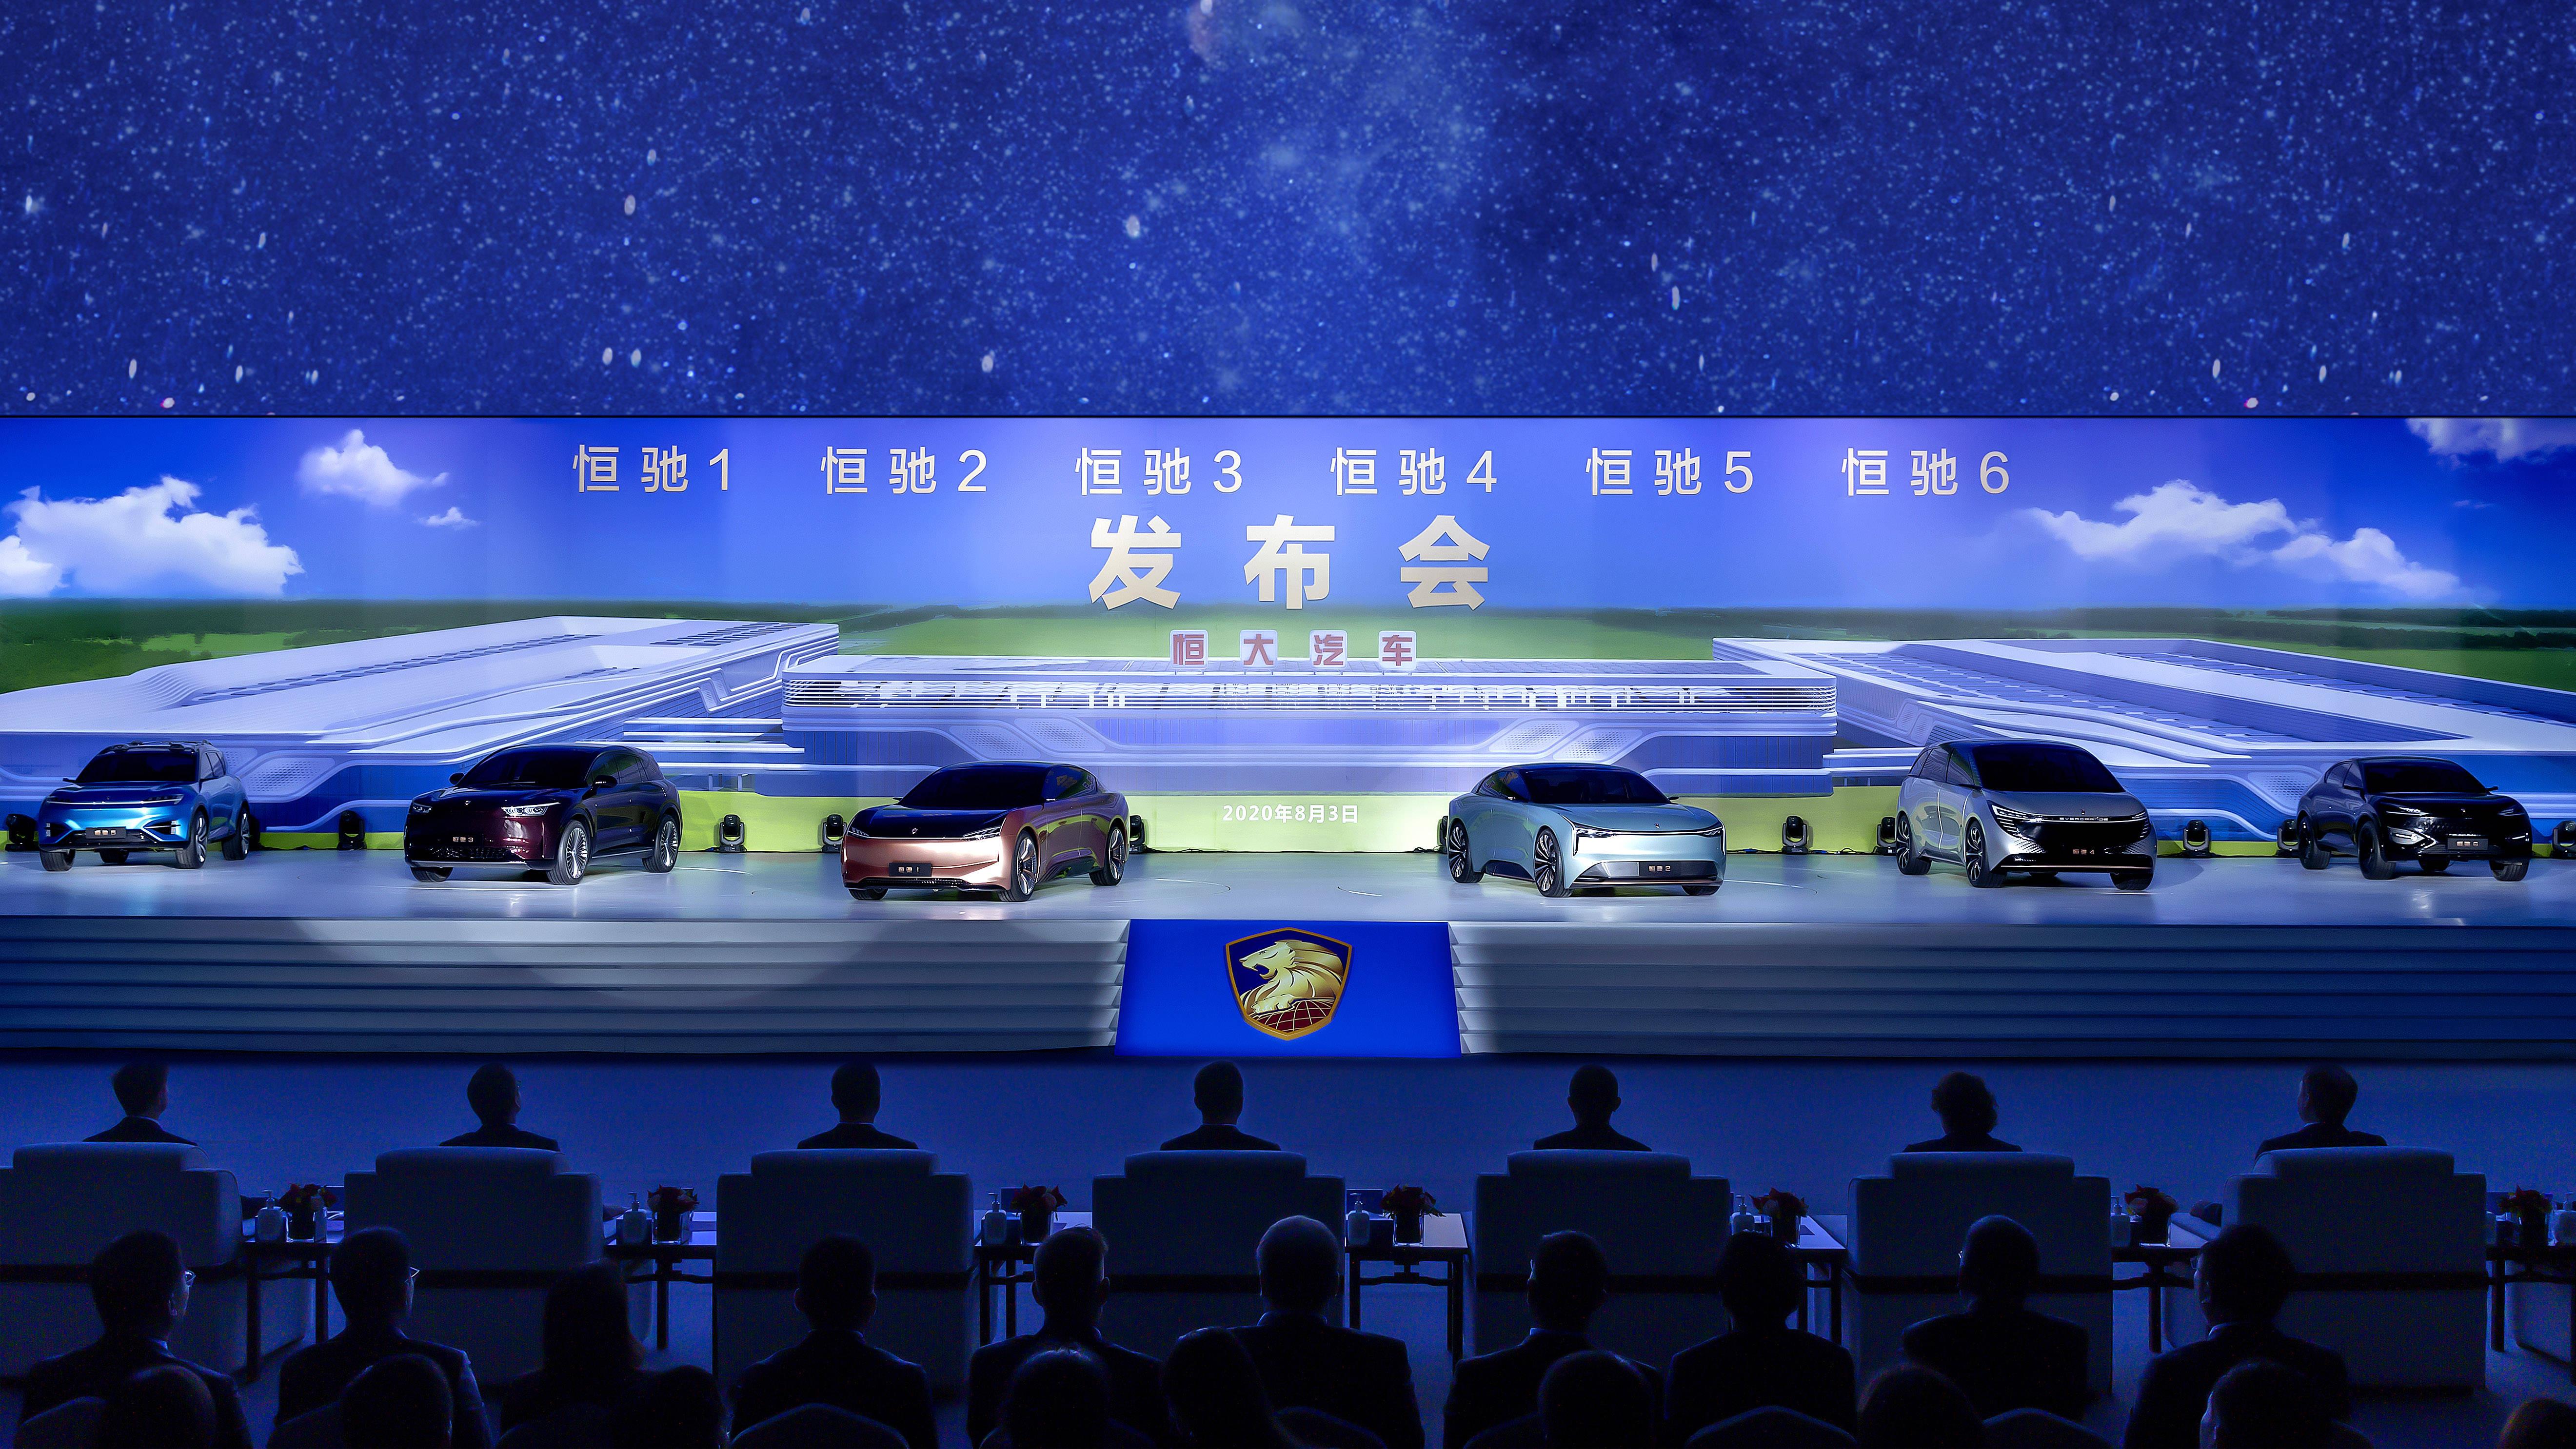 恒大汽车恒驰全球发布六款车 恒大汽车发布了哪六款车